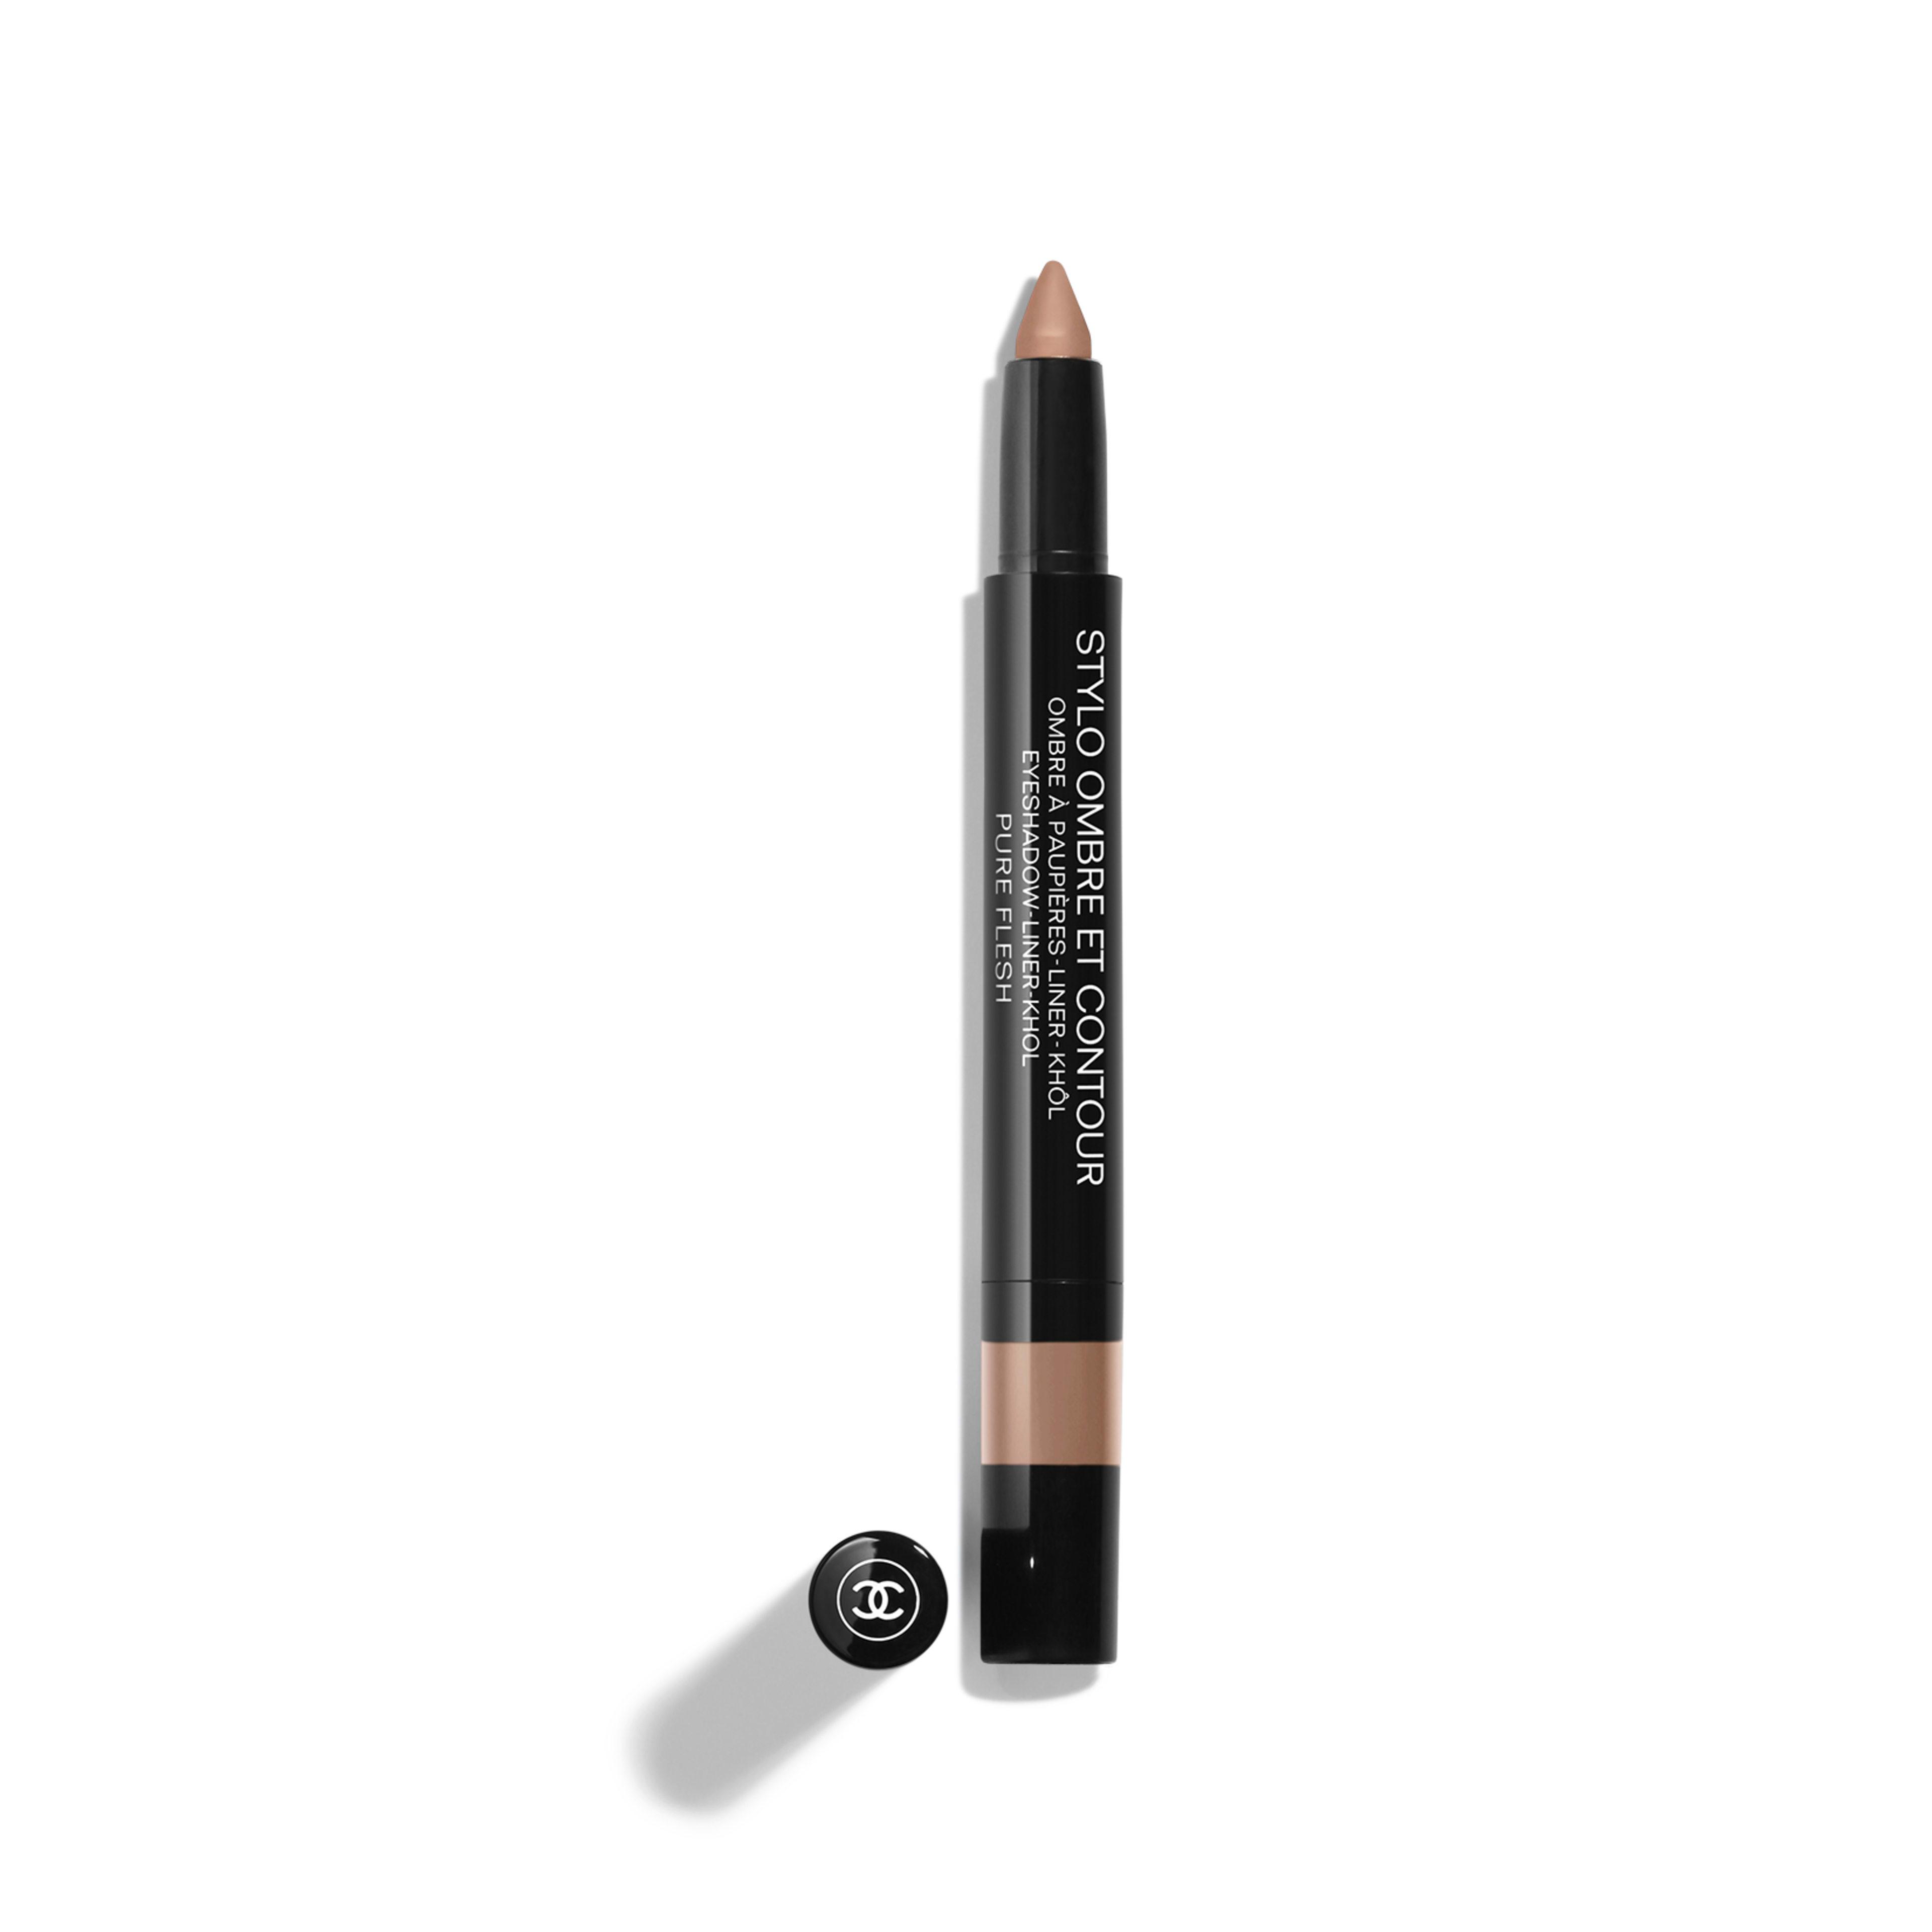 STYLO OMBRE ET CONTOUR - makeup - 0.8g - 預設視圖